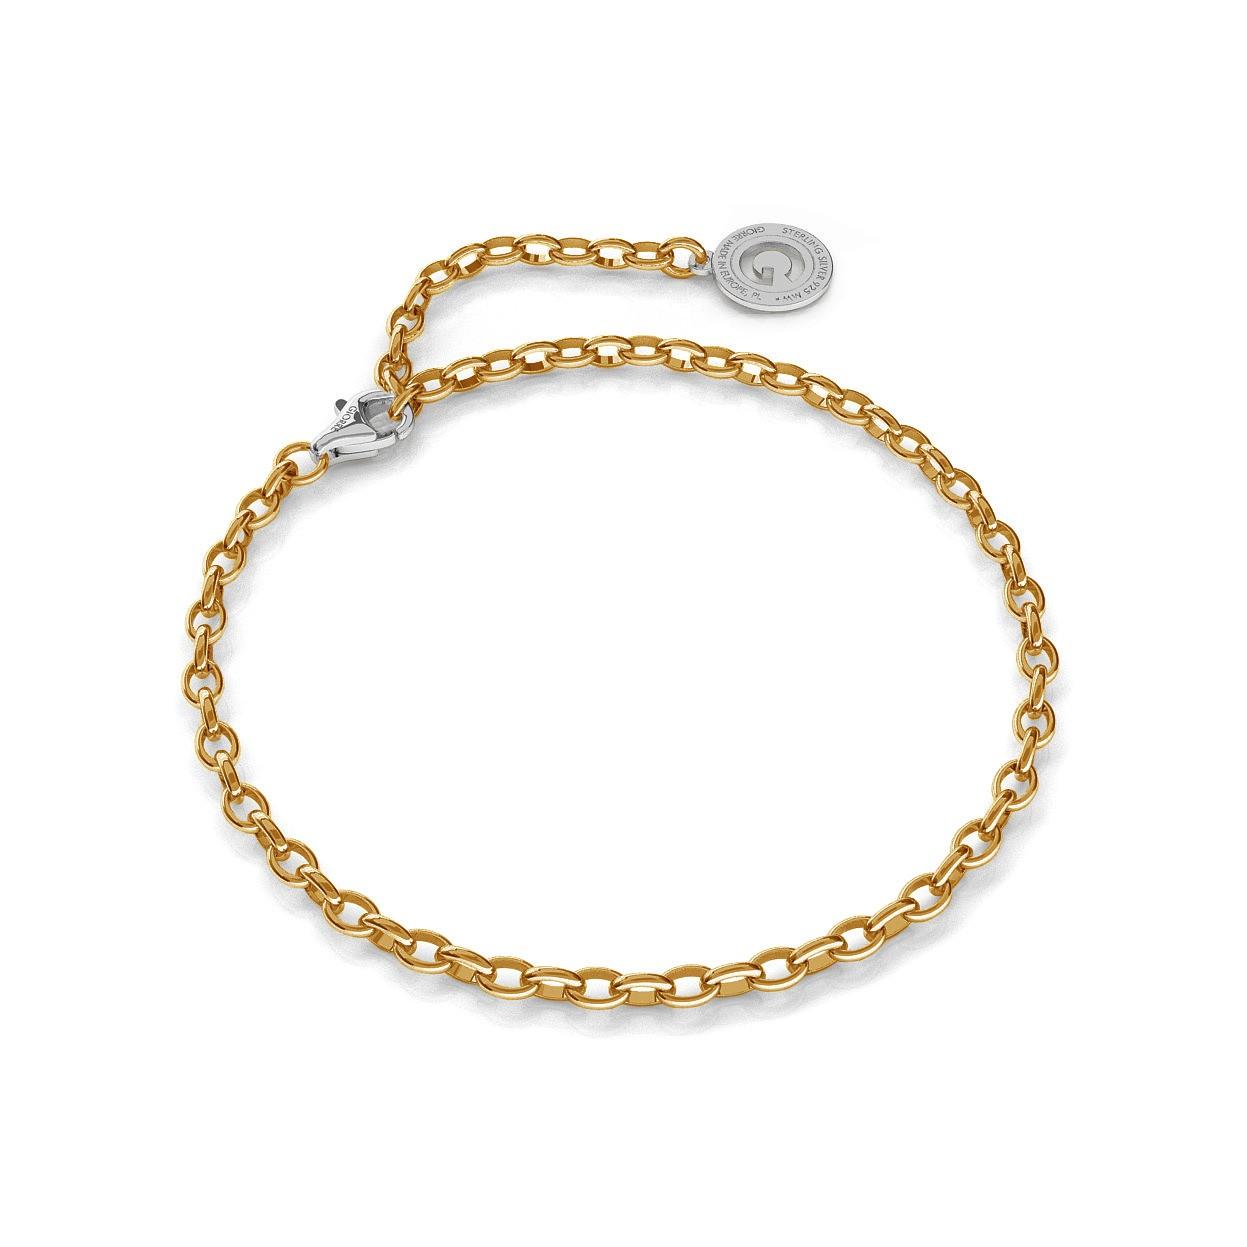 Srebrna bransoletka do charmsów ogniwo 4x3mm, srebro 925